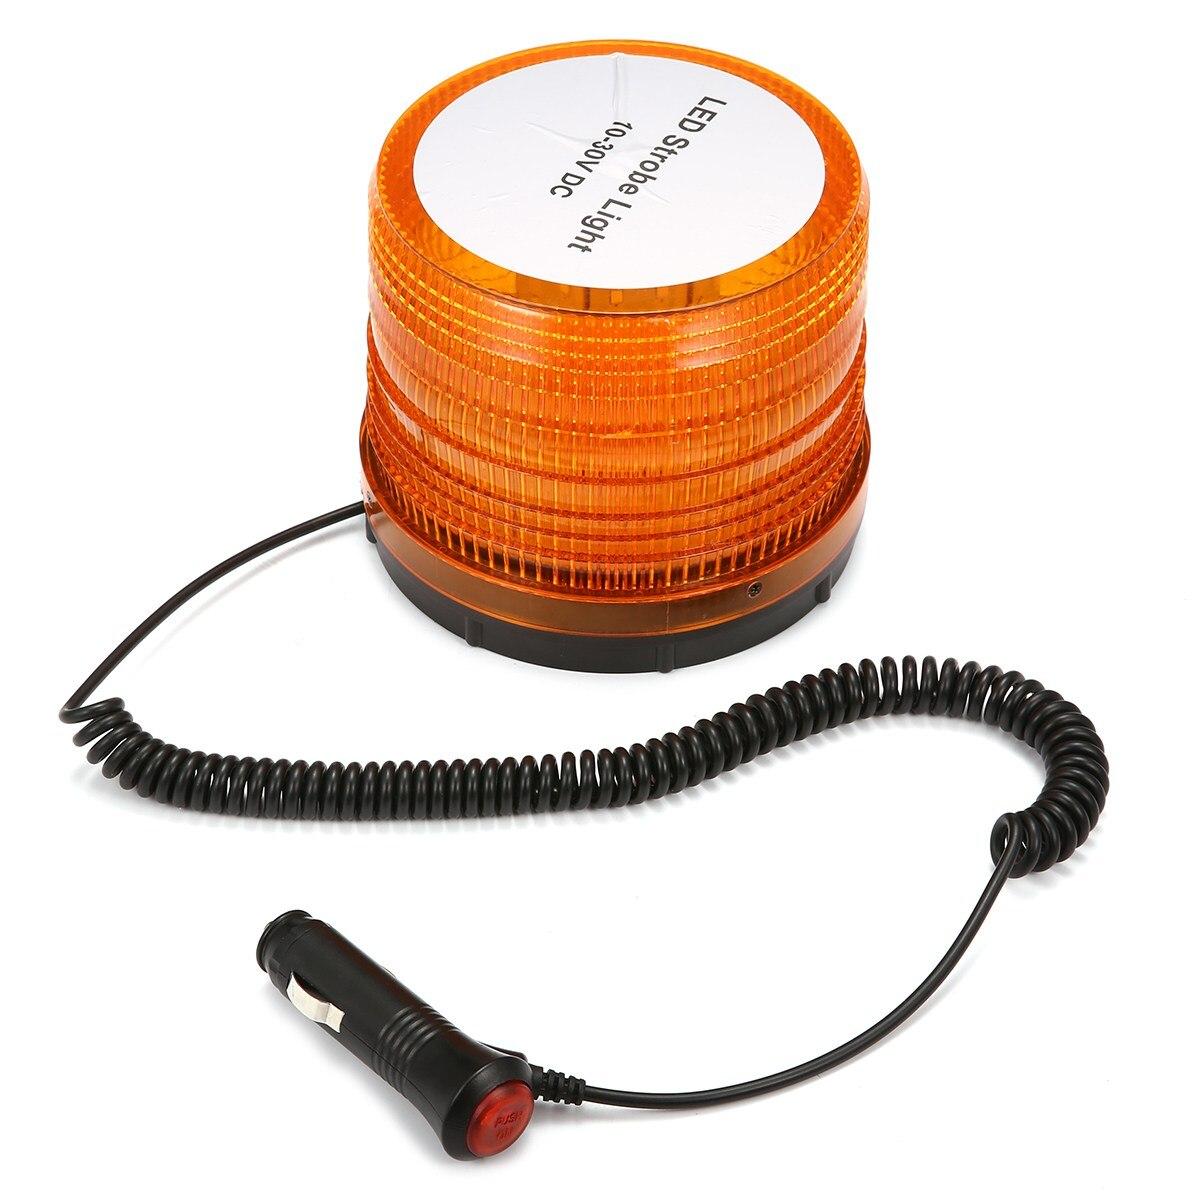 72 LED Flashing+Strobe Light LED Safety Warning Beacon Emergency Magnetic Base<br>